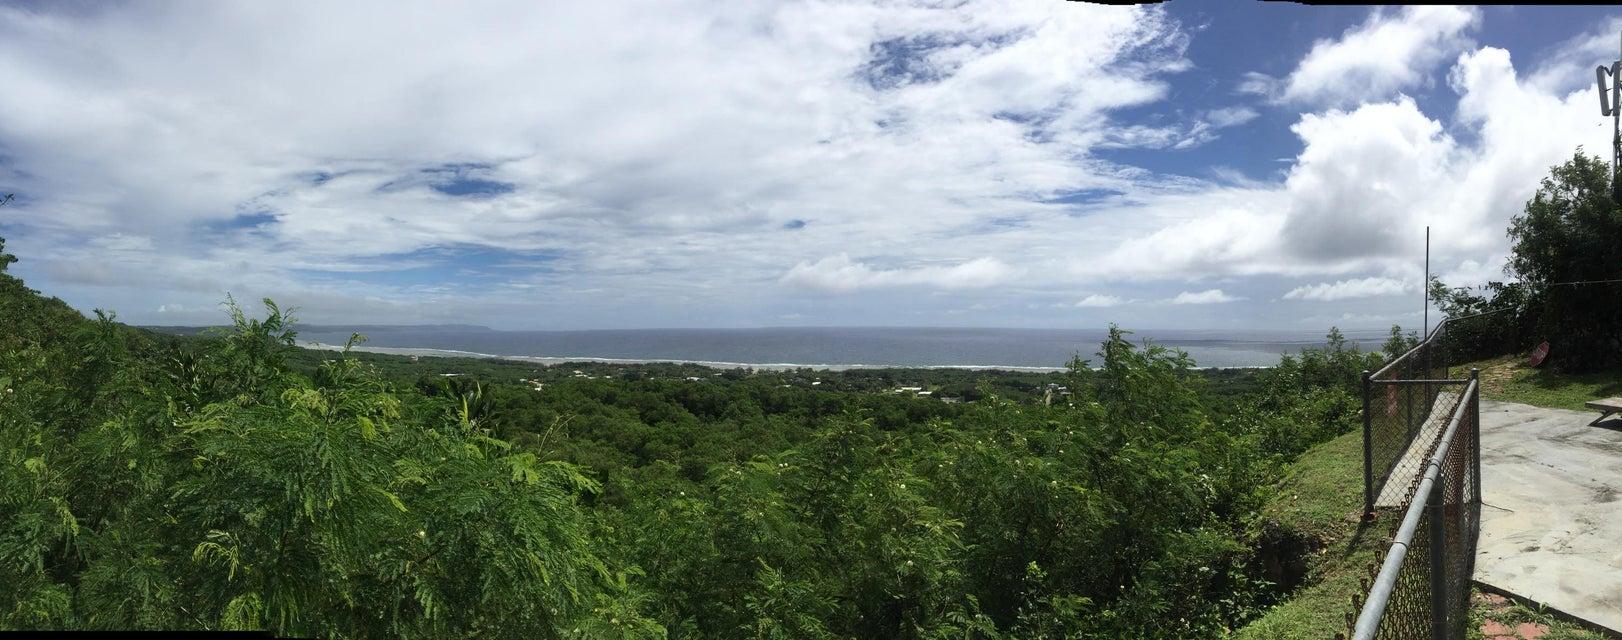 Terreno / Lote por un Venta en Chalan Canton Ladera Chalan Canton Ladera Talofofo, Grupo Guam 96915